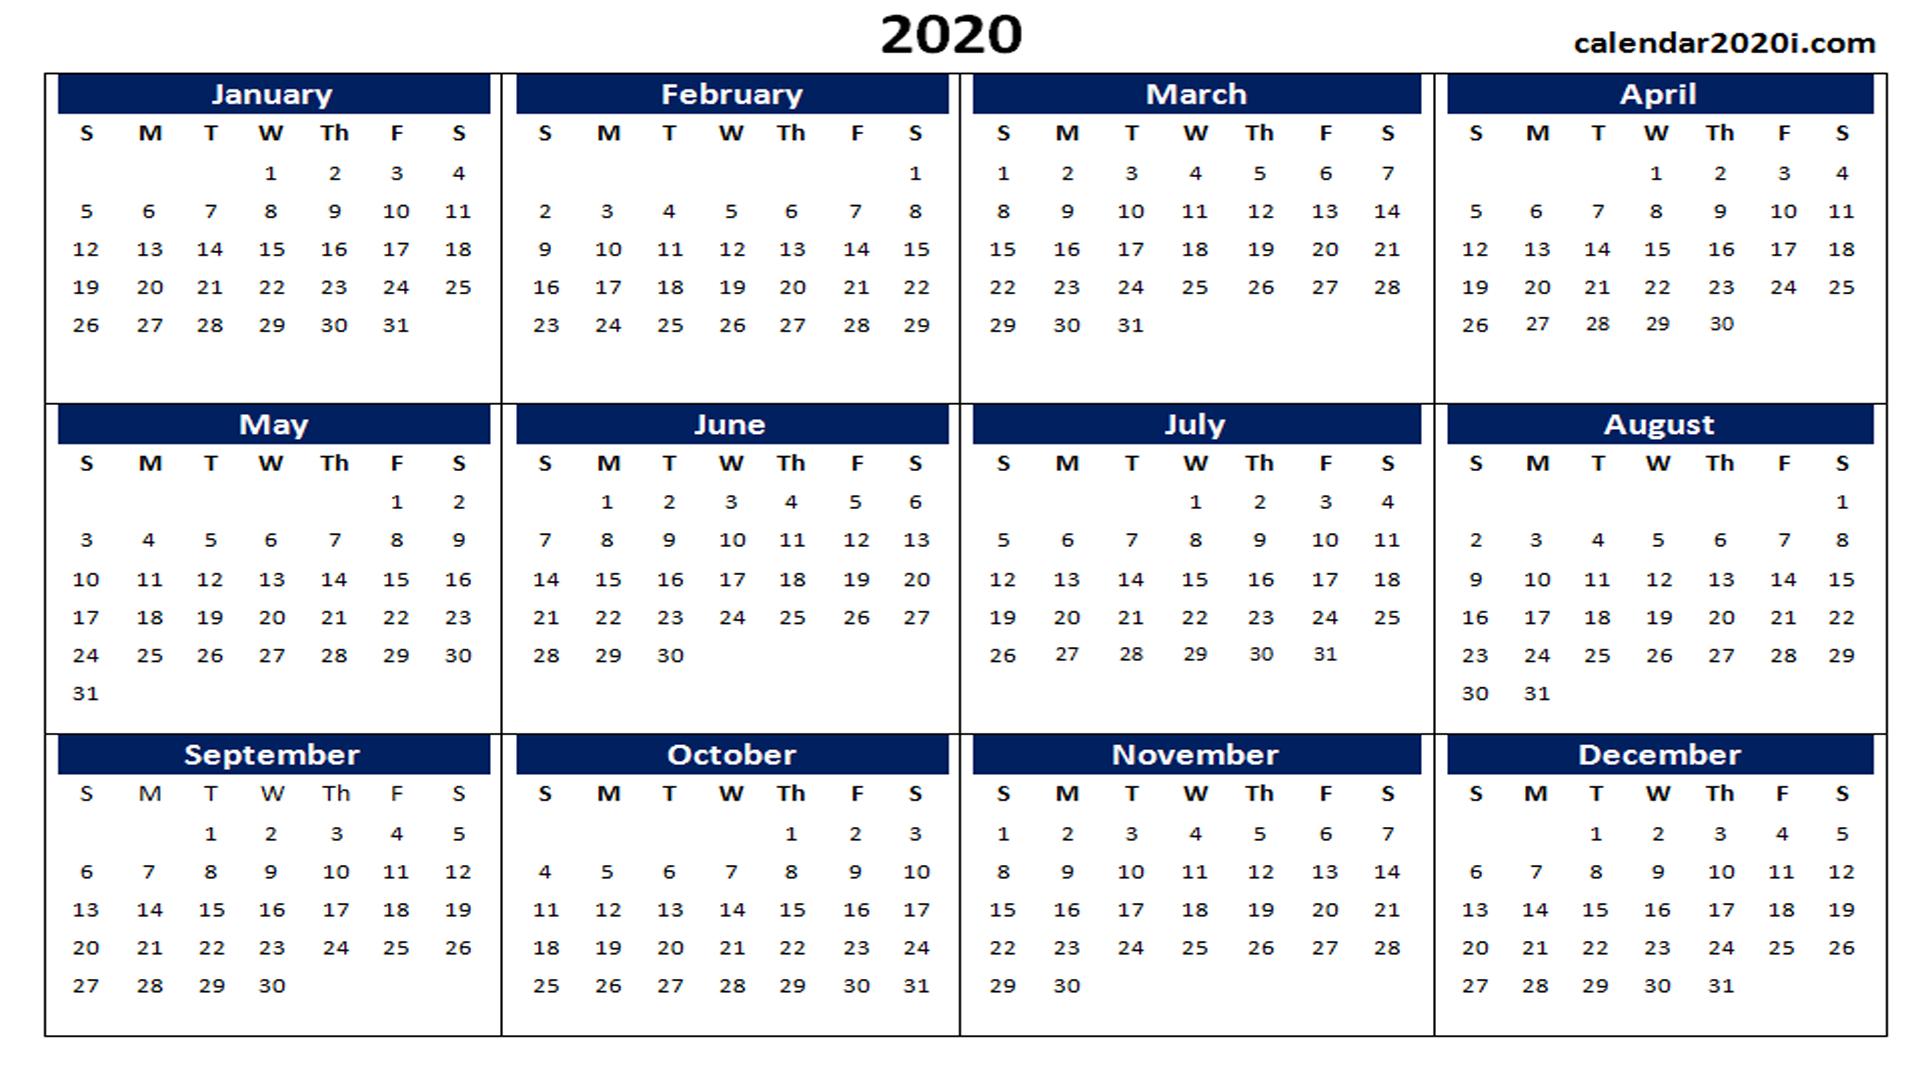 Calendar 2020 For Word - Tunu.redmini.co